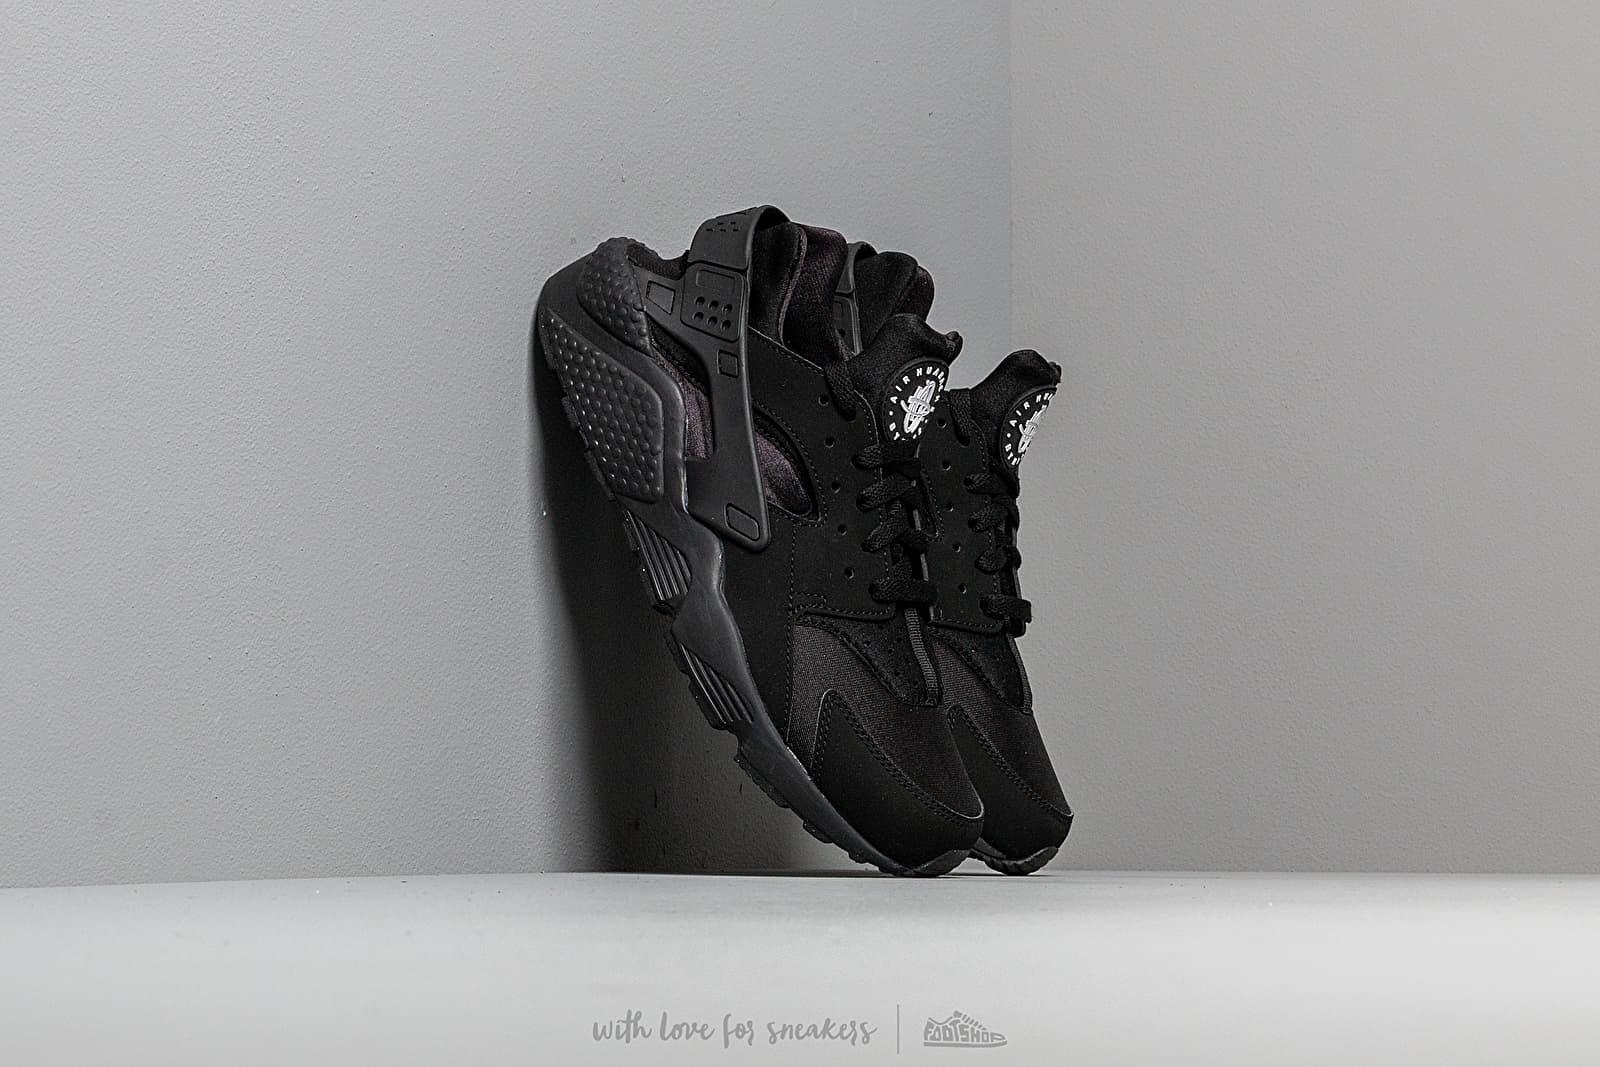 Nike Air Huarache Black/Black za skvělou cenu 3 290 Kč koupíte na Footshop.cz